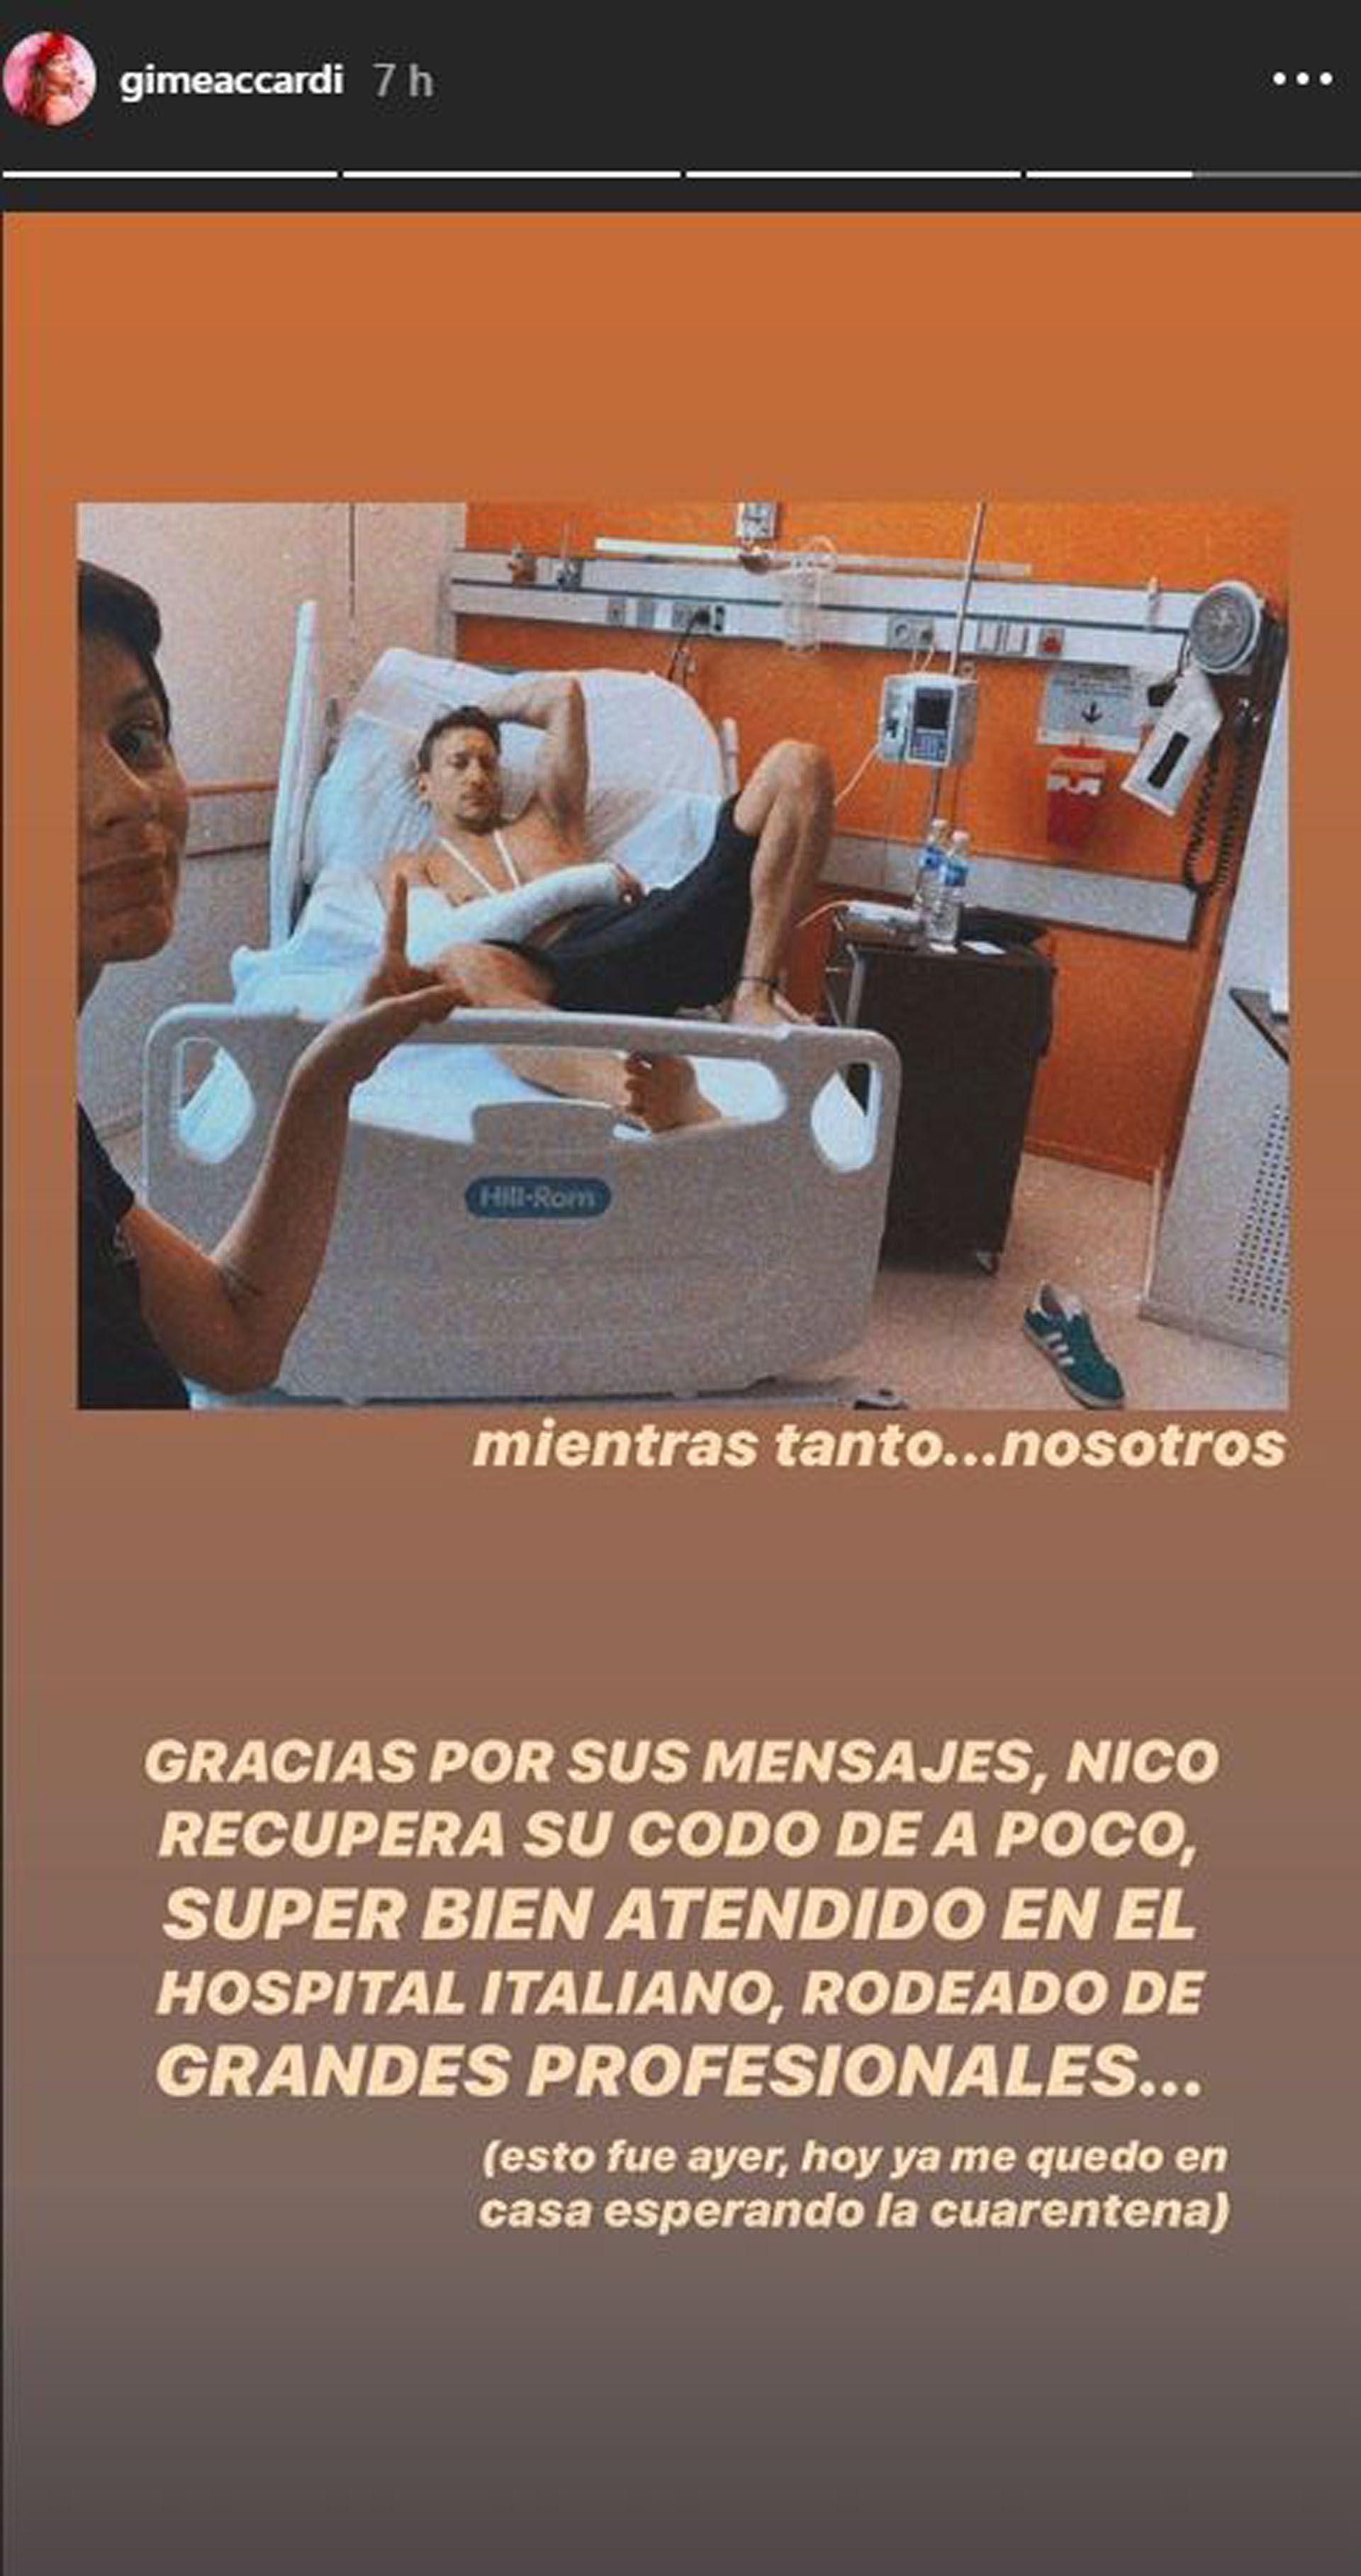 Gimena Accardi posteó un mensaje desde la clínica, acompañando a Nico en su internación, antes de la cuarentena (Foto: Instagram)